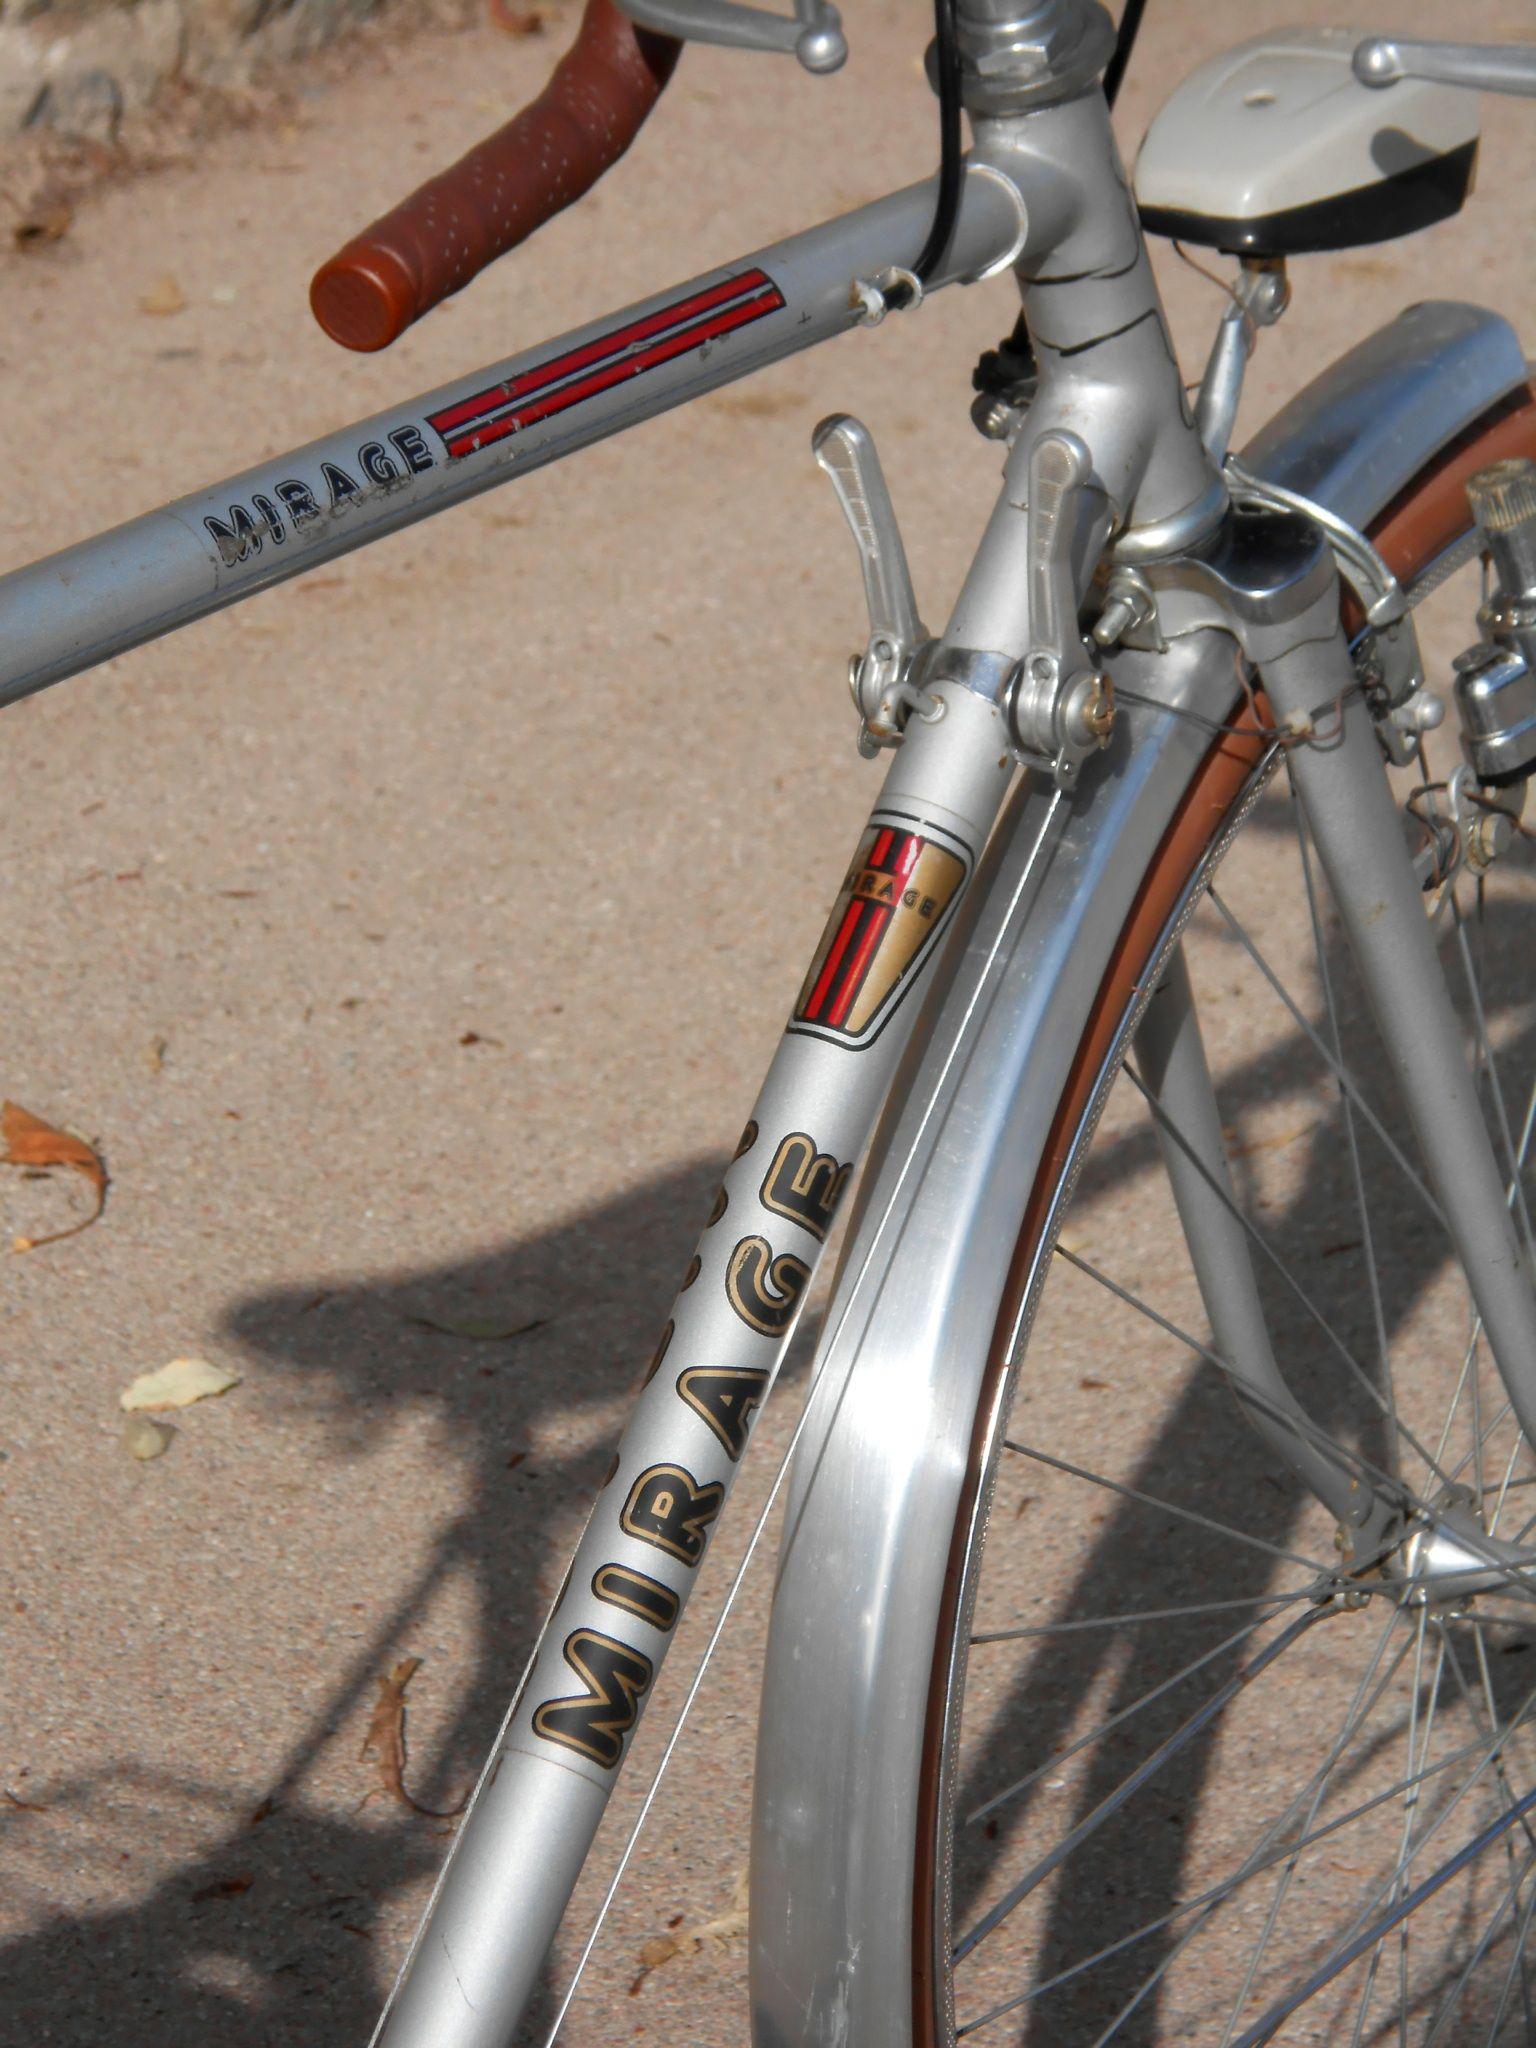 Rare Vintage Bicycle Mirage 70 S Vintage Bicycles Bicycle Vintage